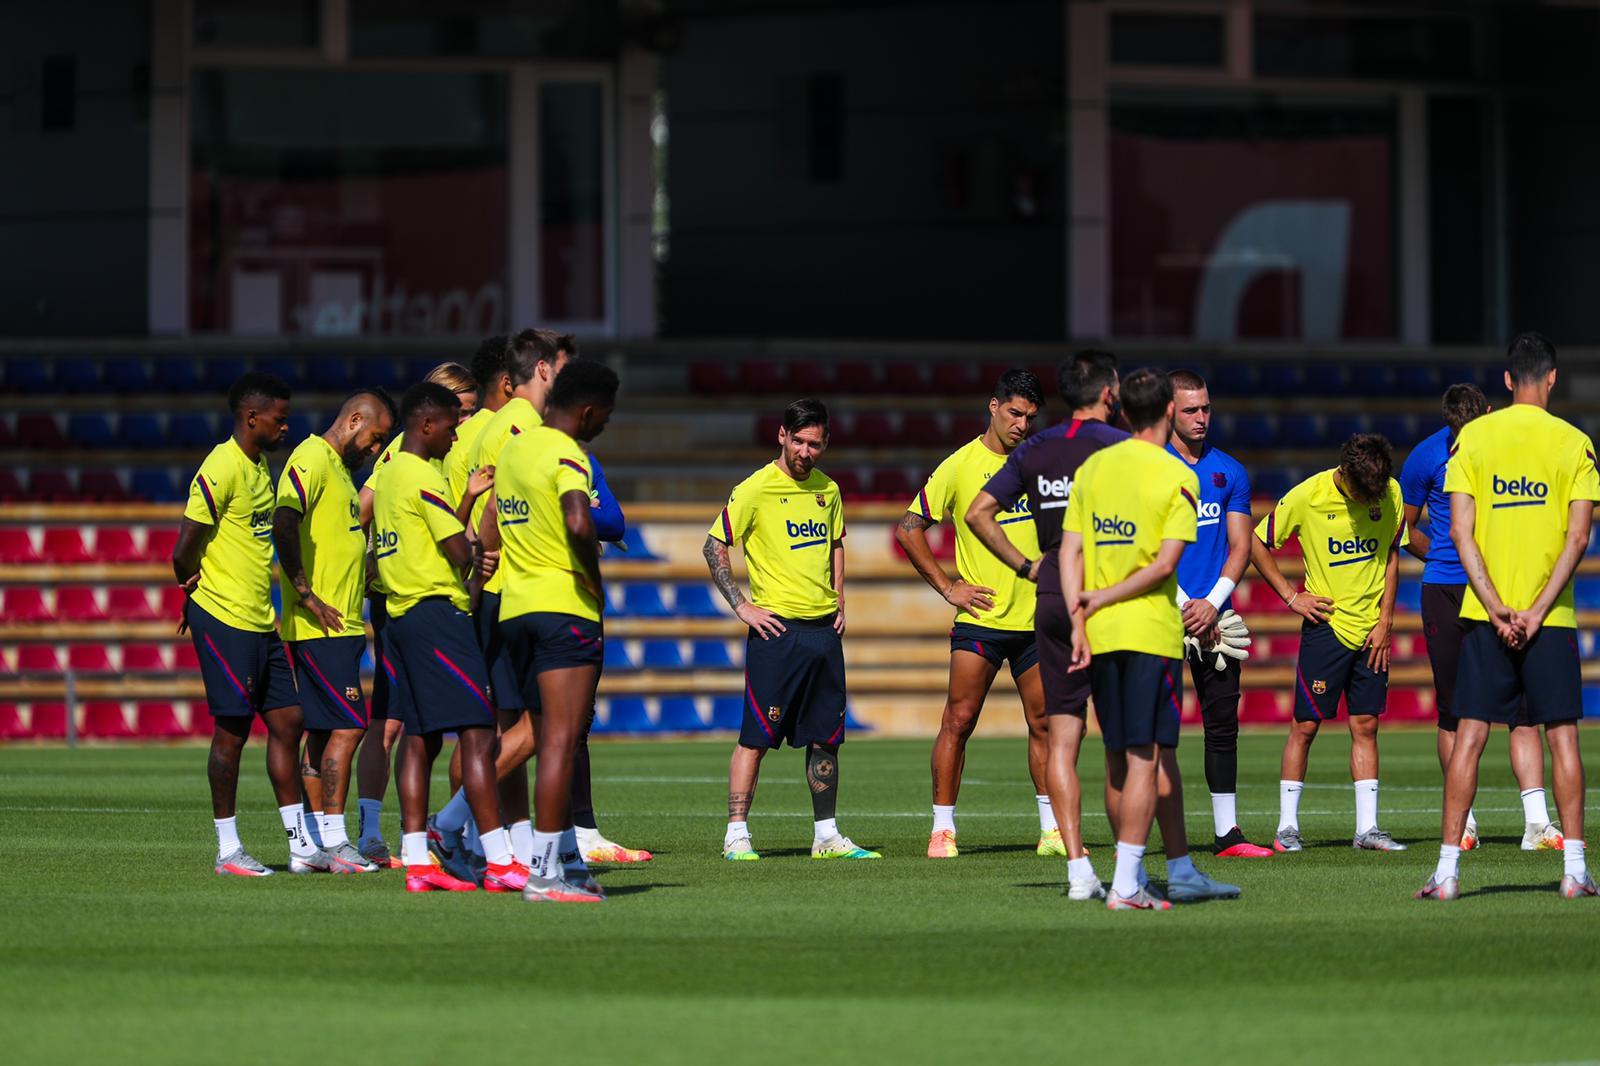 برشلونة,تشكيلة برشلونة,برشلونة ضد أوساسونا,موعد مباراة برشلونة اليوم ضد أوساسونا,اخبار برشلونة,شاهد تشكيلة برشلونة,تشكيل برشلونة المتوقع,تشكيلة,برشلونة ضد ليون,برشلونة ضد فالنسيا,برشلونة ضد فياريال,برشلونة اليوم,برشلونة ضد ريال مدريد,برشلونة ضد ريال بيتيس,تشكيلة مباراة الريال,أخبار برشلونة,برشلونة مباشر,مواجهة اوساسونا,تشكيلة ريال مدريد,برشلونة الكرة الجميلة,برشلونة الان,مباراة ريال مدريد واوساسونا,ملخص مباراة برشلونة اليوم,اهداف برشلونة اليوم,اخبار برشلونة اليوم,تحليل برشلونة,برشلونة وليون